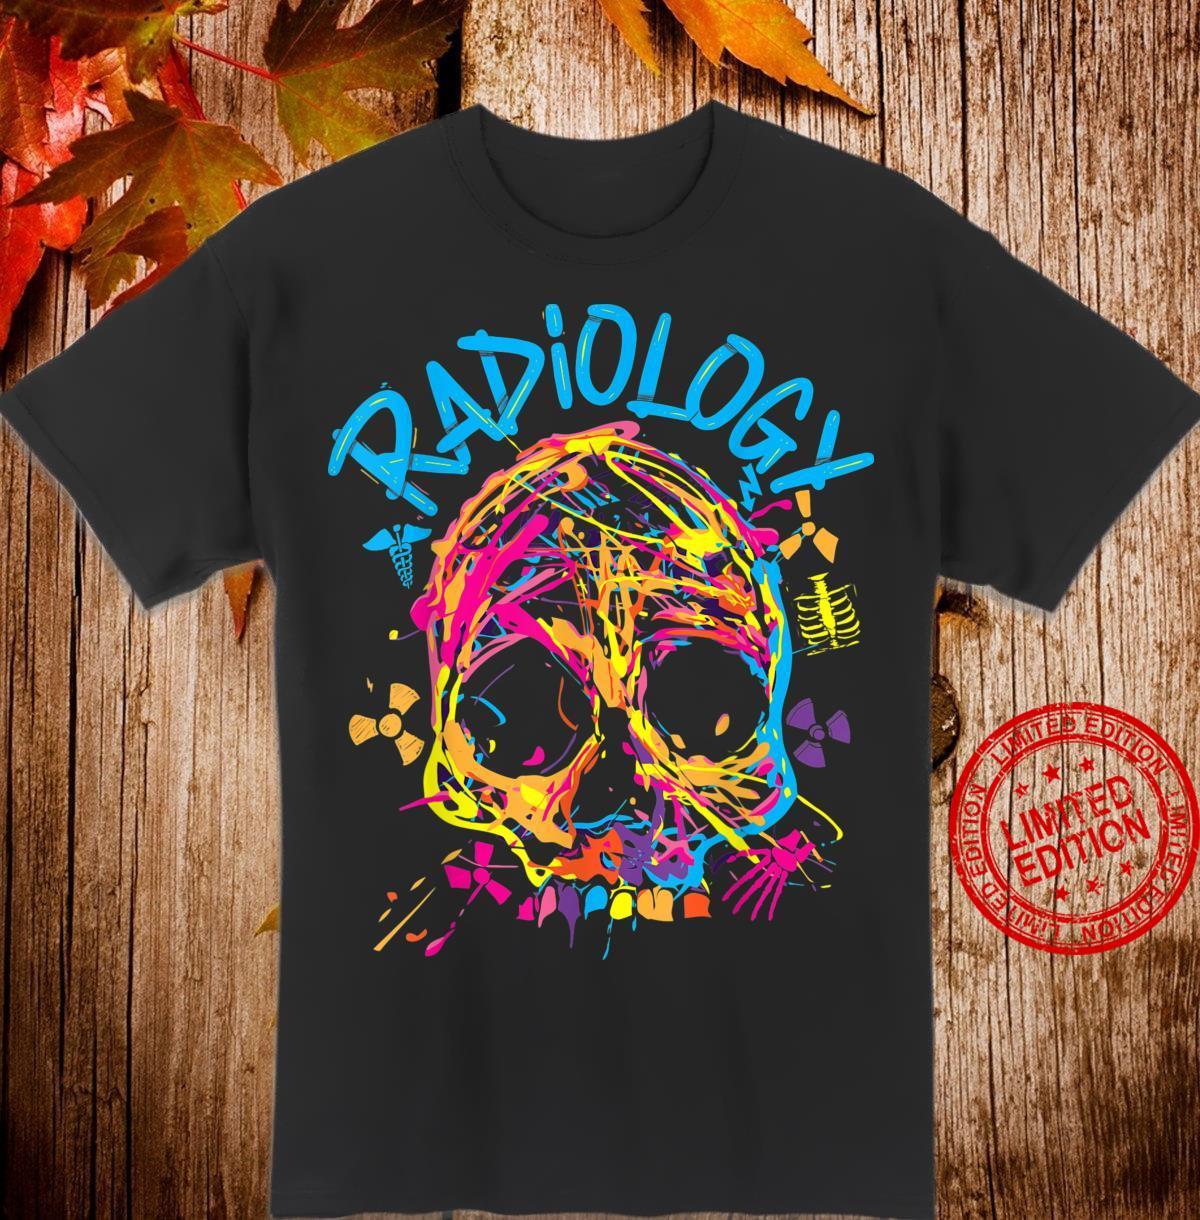 Radiology Color Splat Skull Shirt